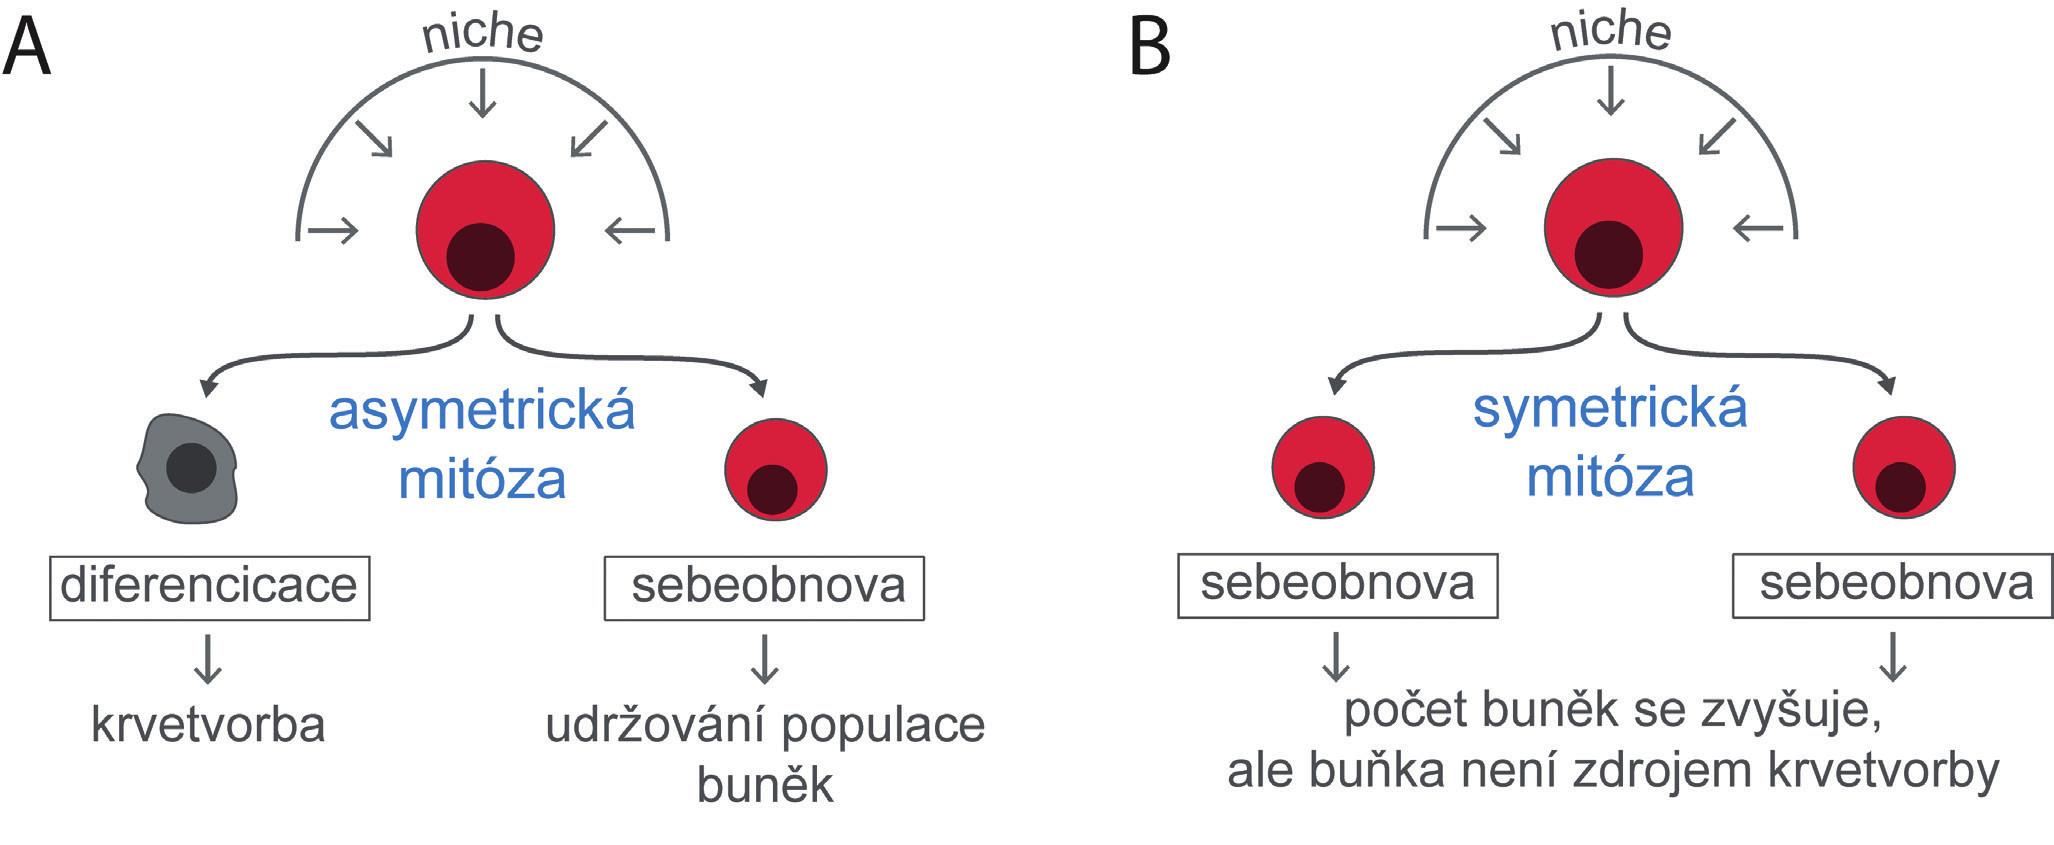 """Kmenové buňky udržují svůj počet, přestože se diferencují a dávají vznik progenitorům a buňkám krevním. Mechanismem, kterým toho lze dosáhnout, je asymetrická mitóza, kdy se jedna dceřiná buňka diferencuje a druhá dceřiná buňka zůstane ve stavu buňky kmenové (A). Zvýšení počtu kmenových buněk je možné jen symetrickou mitózou, kdy obě dceřiné buňky zůstanou buňkami kmenovými (B). Osud kmenových buněk a z nich vzniklých buněk dceřiných určují zevní vlivy působící na kmenovou buňku z bezprostředního buněčného a mezibuněčného prostředí, které se označuje jako """"niche""""."""